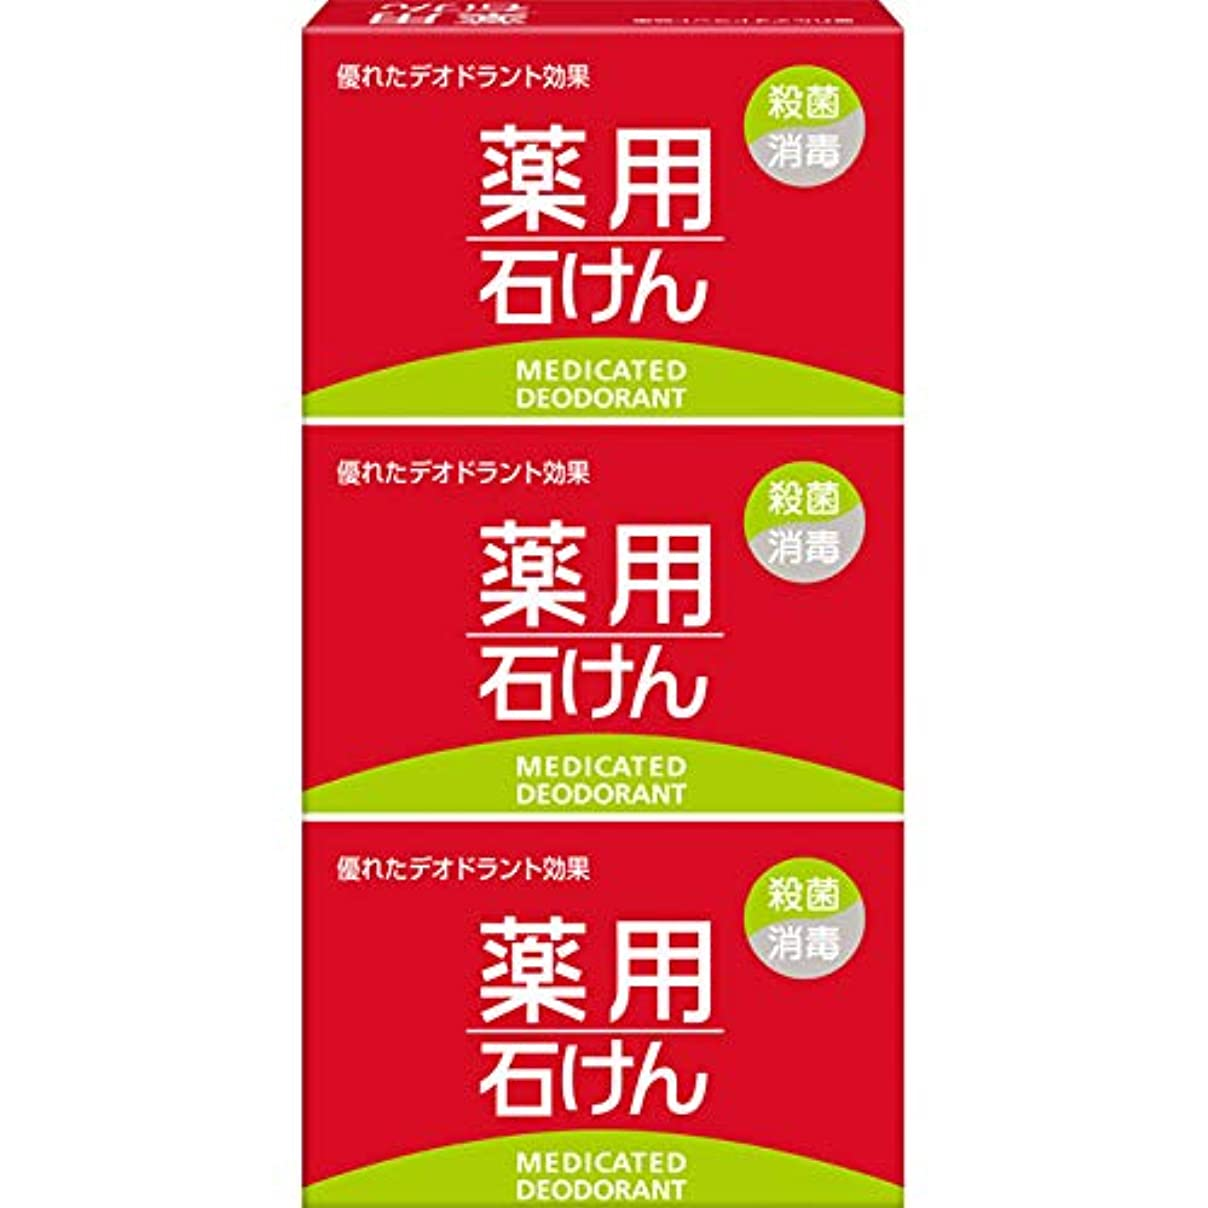 札入れ大使館最初にMK 薬用石けん 100g×3個 (医薬部外品)